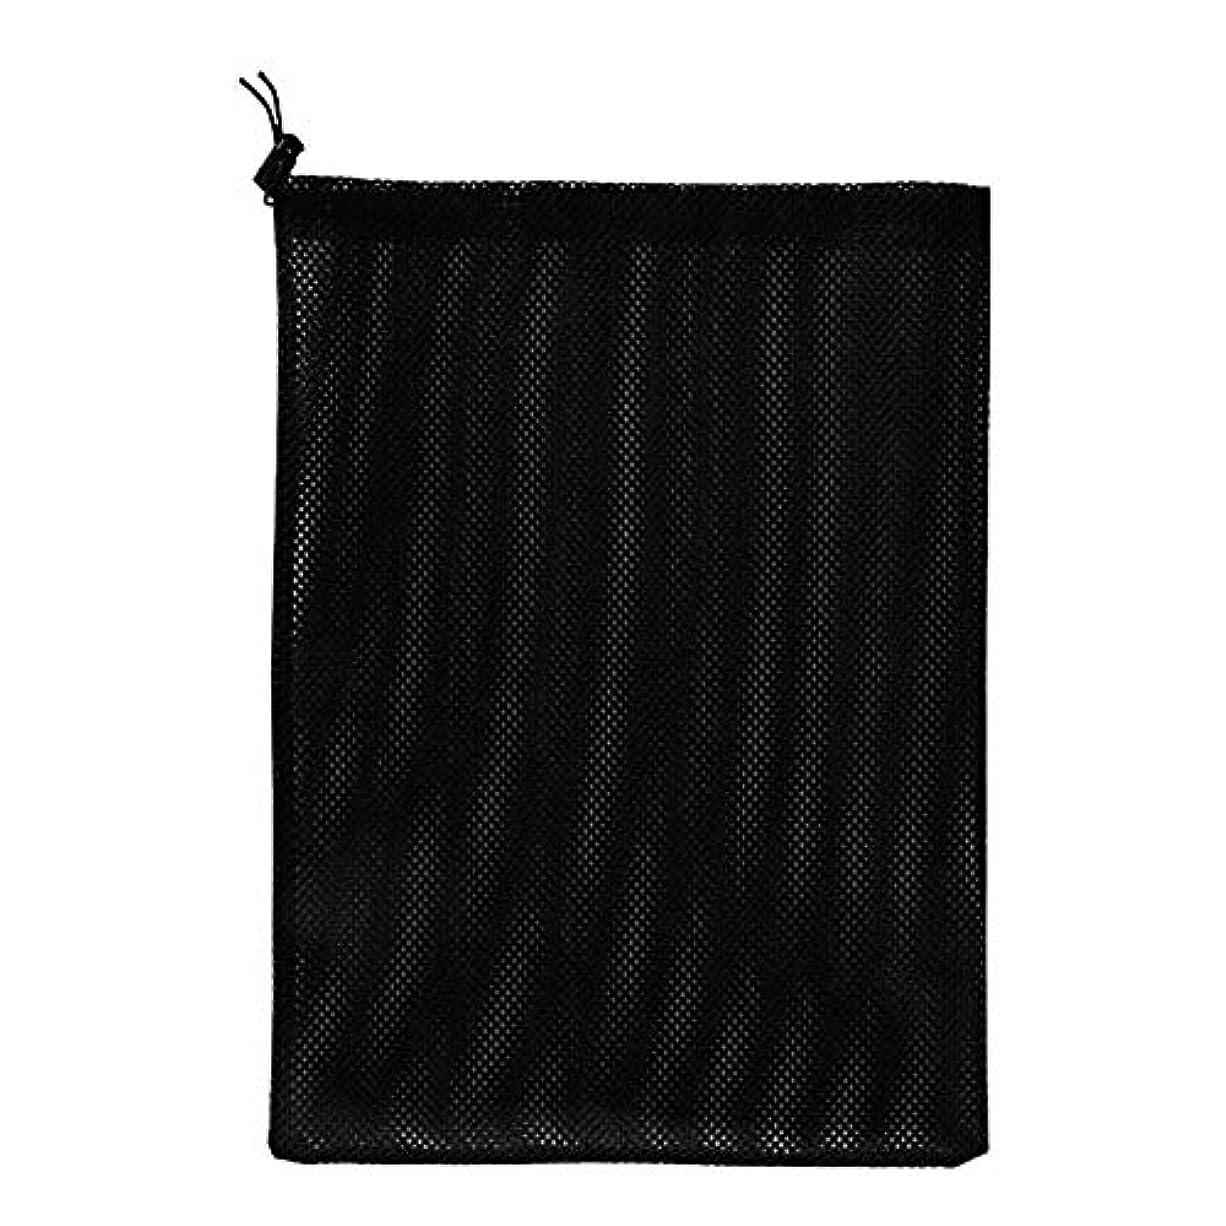 インデックス八百屋さん針ポータブル水ポンプフィルターバッグの引き裂きに強い巾着池ポンプバリアネットポーチメッシュ